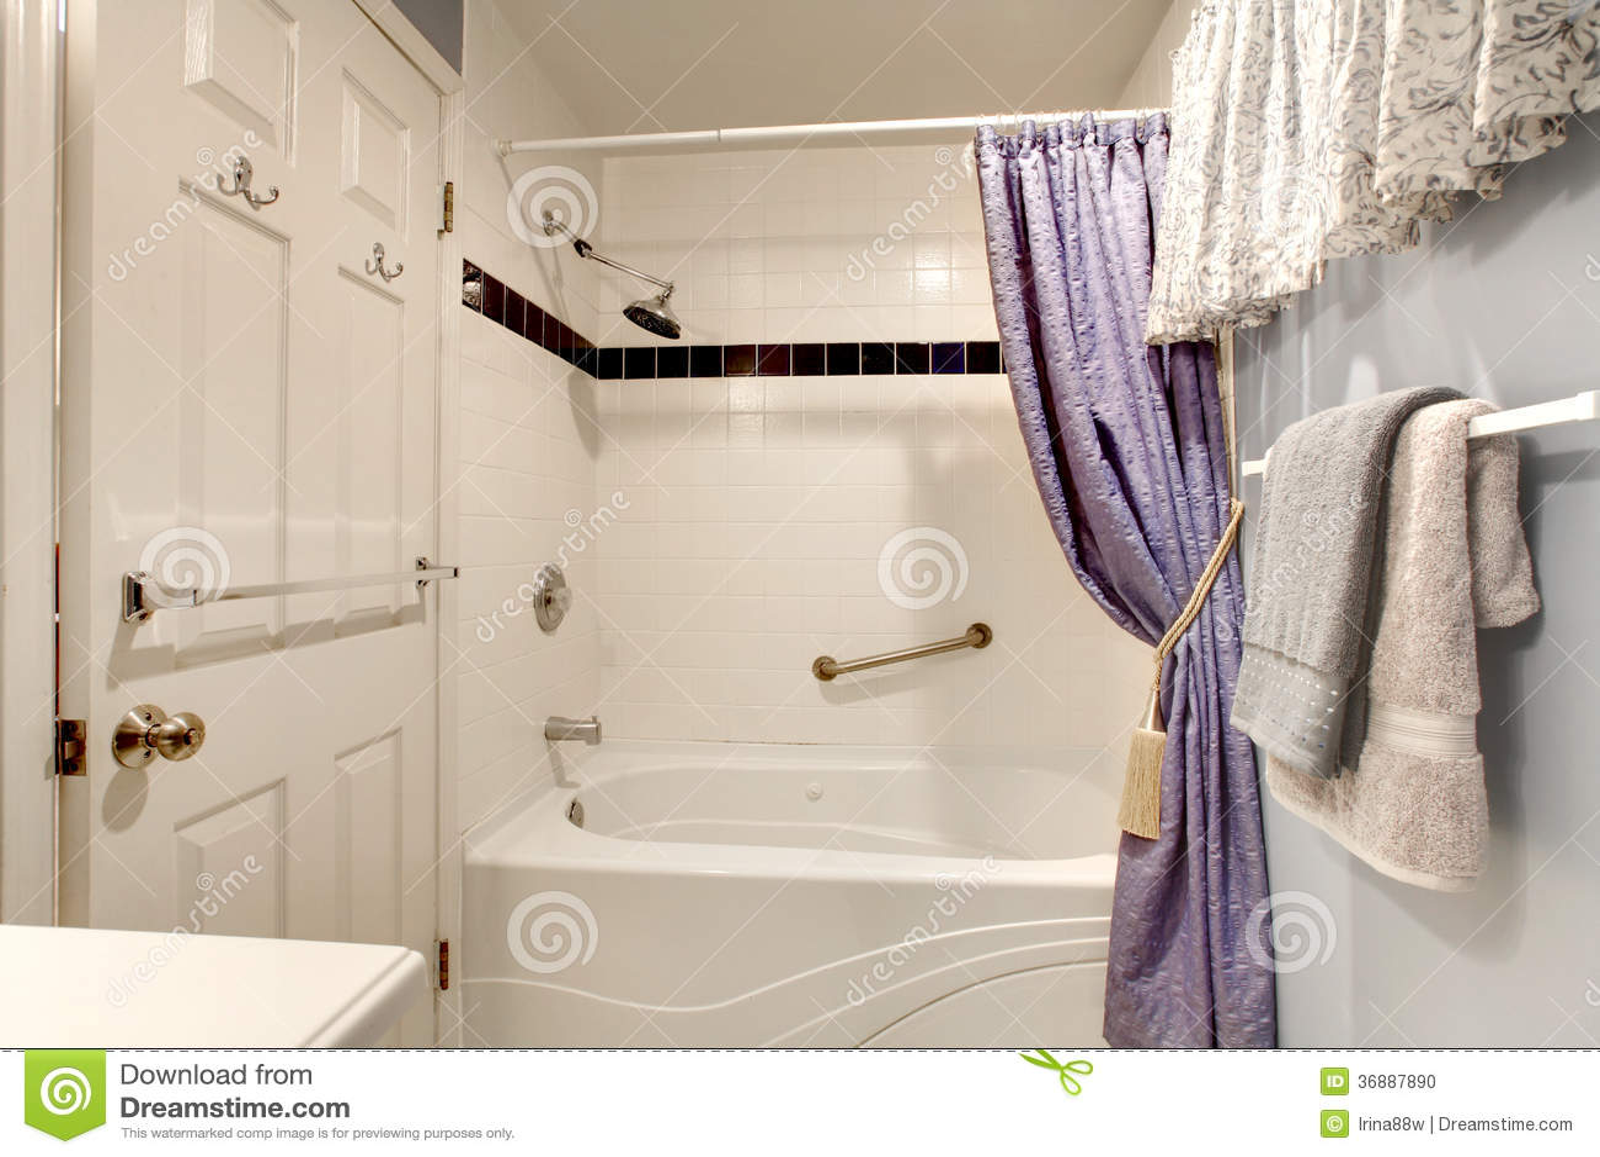 Download Idea Di Progettazione Semplice Per Il Bagno Fotografia Stock - Immagine di semplice, disegno: 36887890